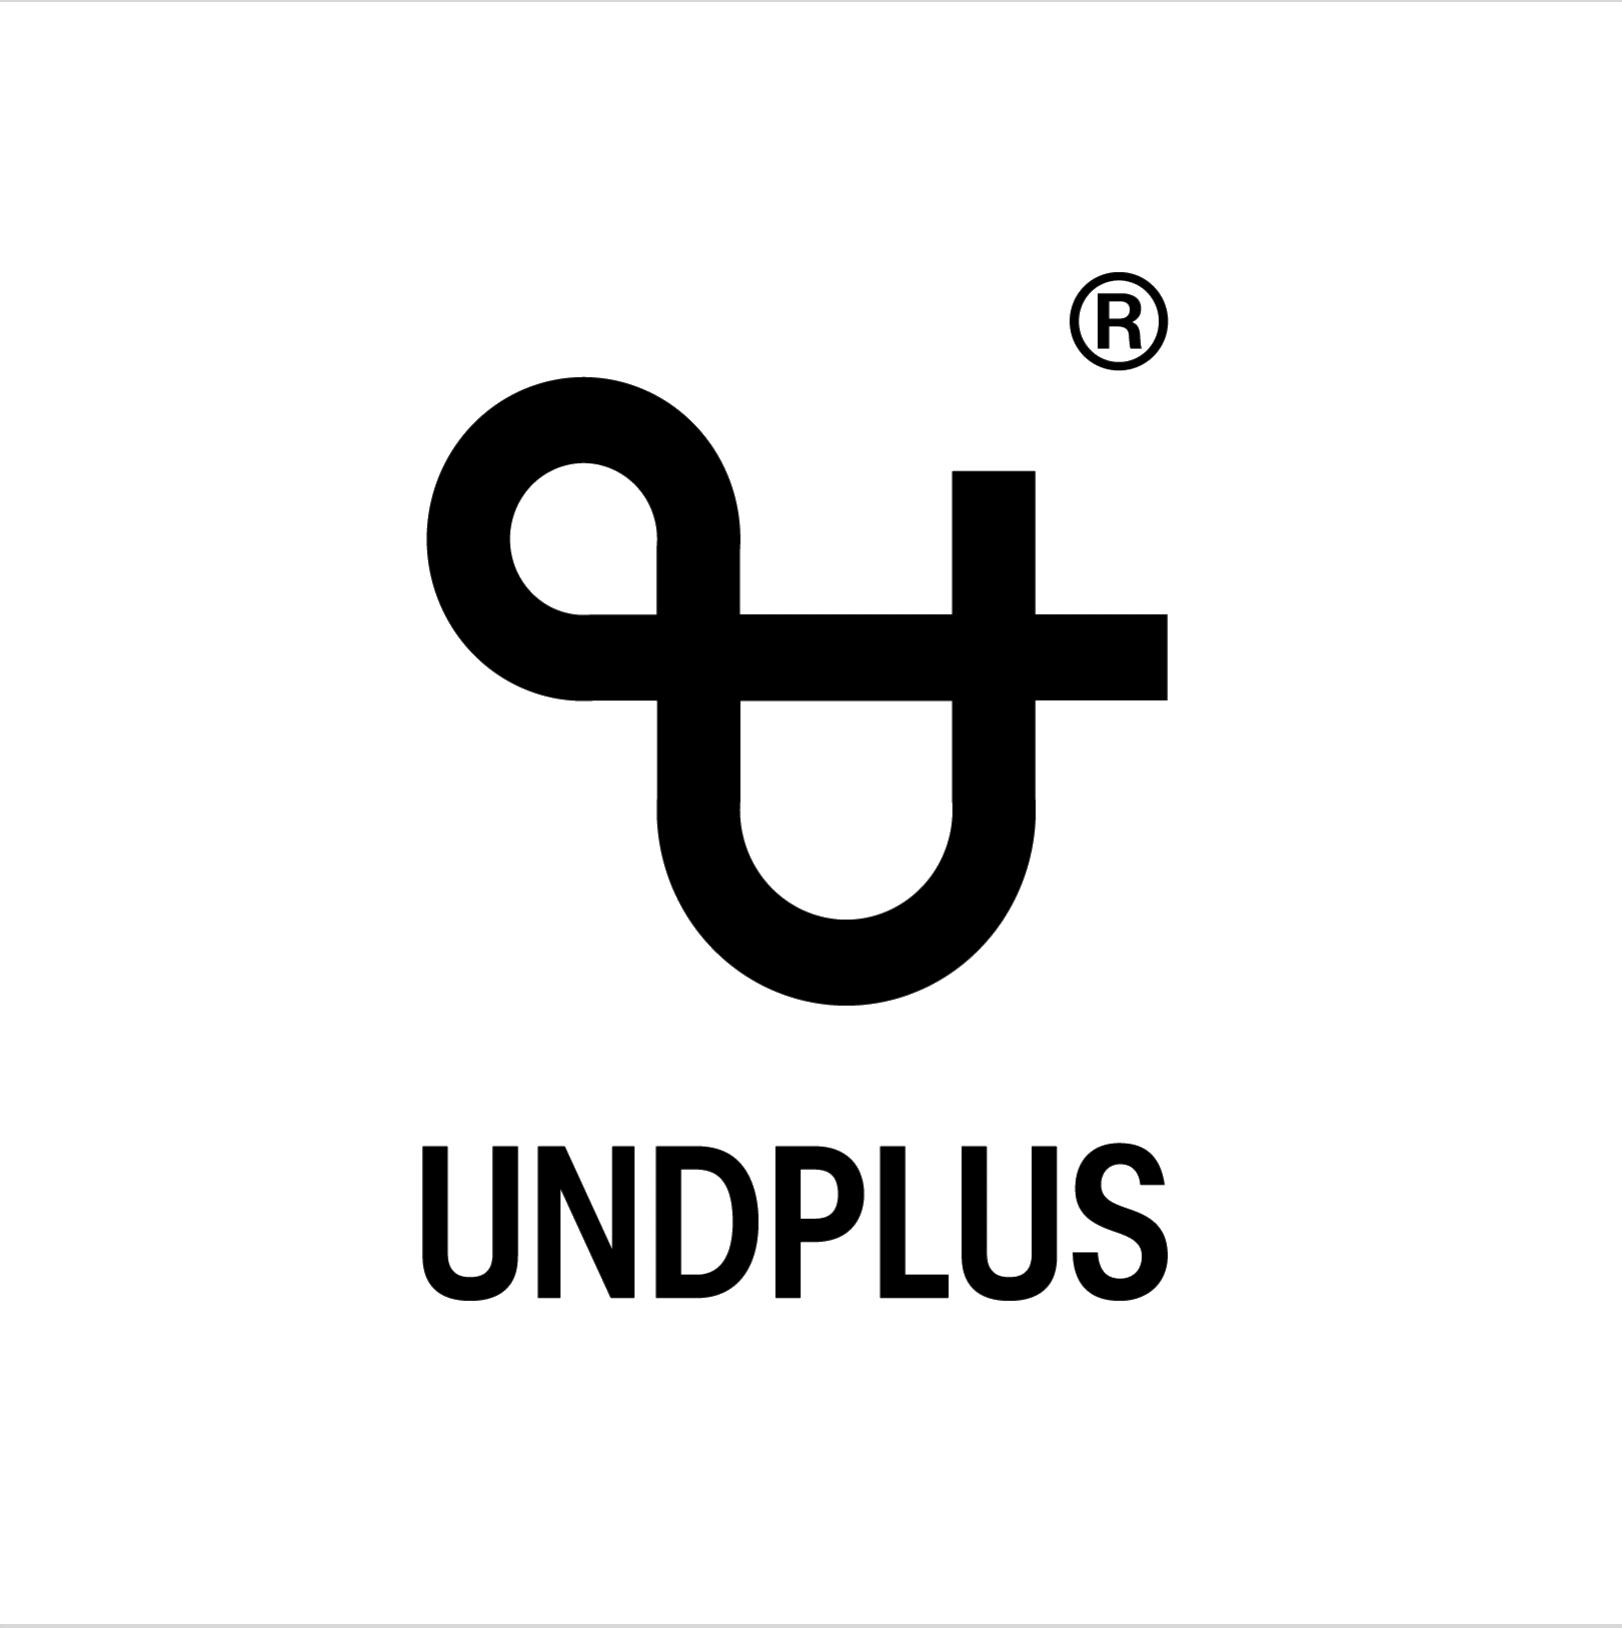 UNDPLUS_logoscreenshot_gr_trans.png